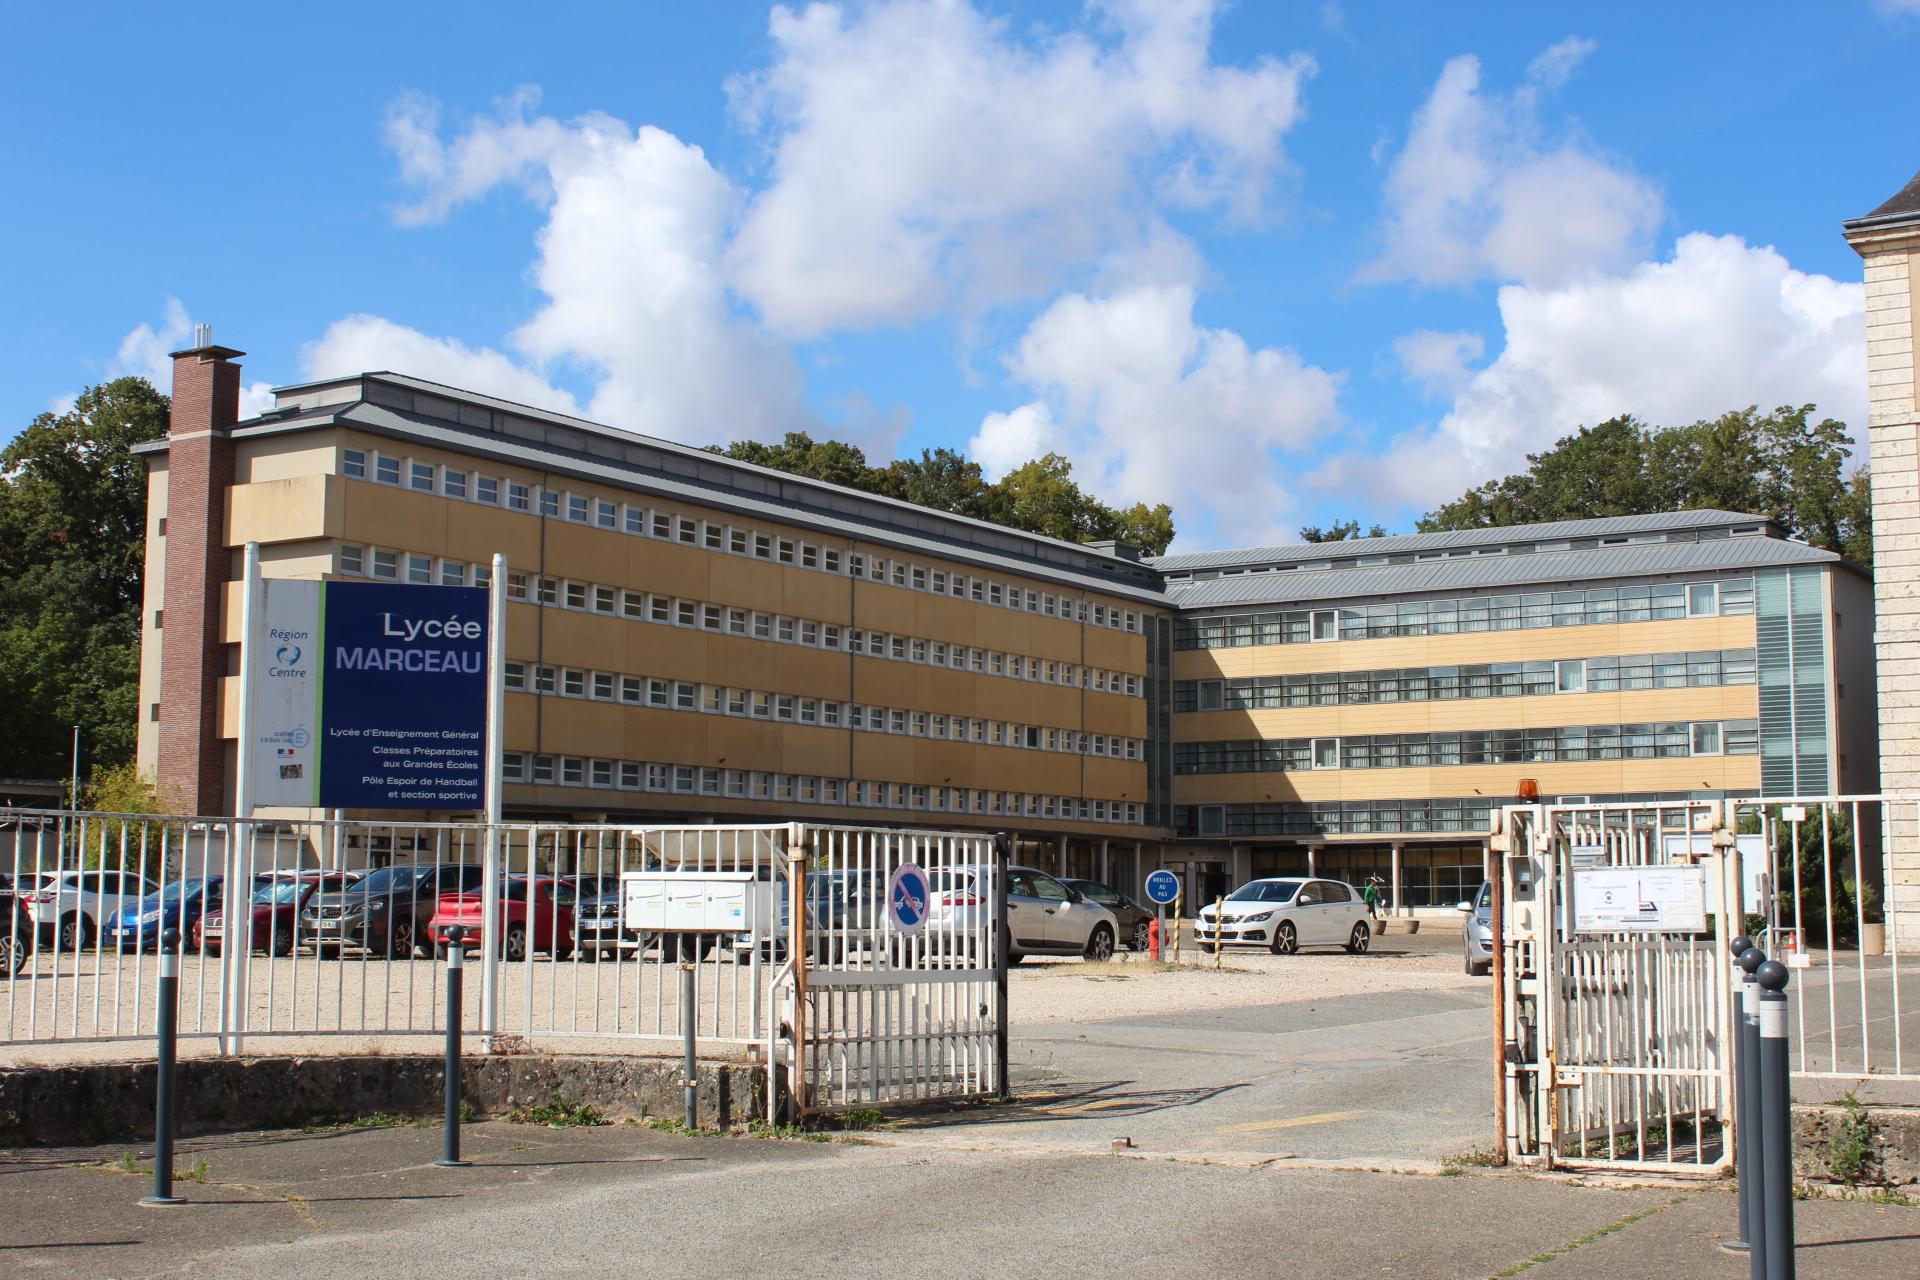 lycée-marceau-chartres